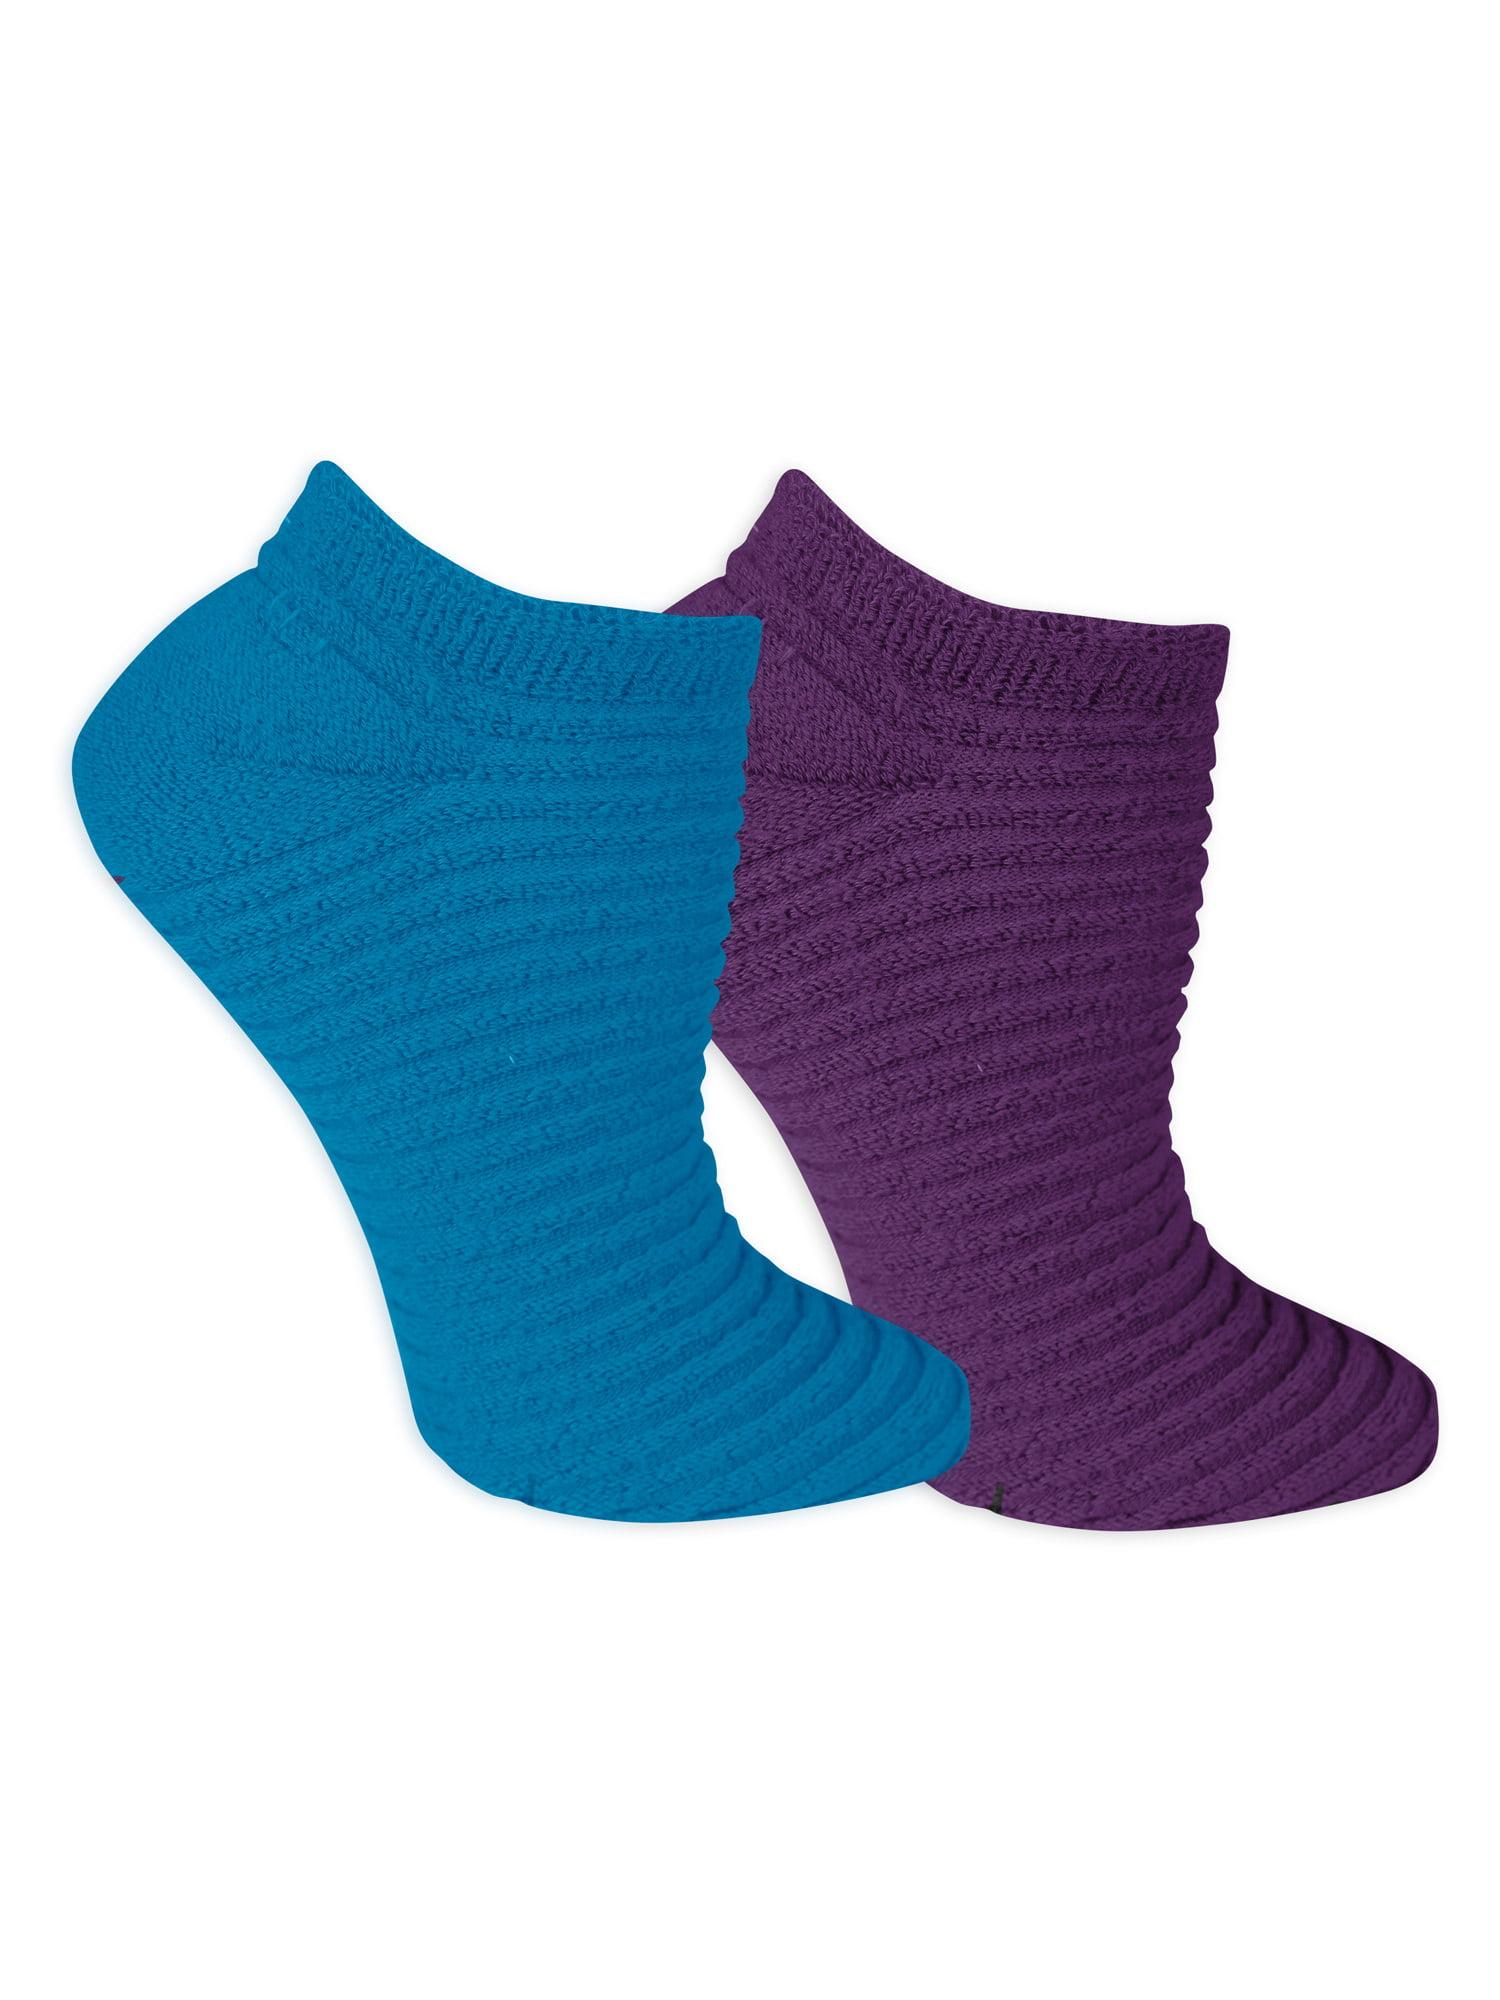 Women's Sleep Spa Low Cut Socks 2 Pair